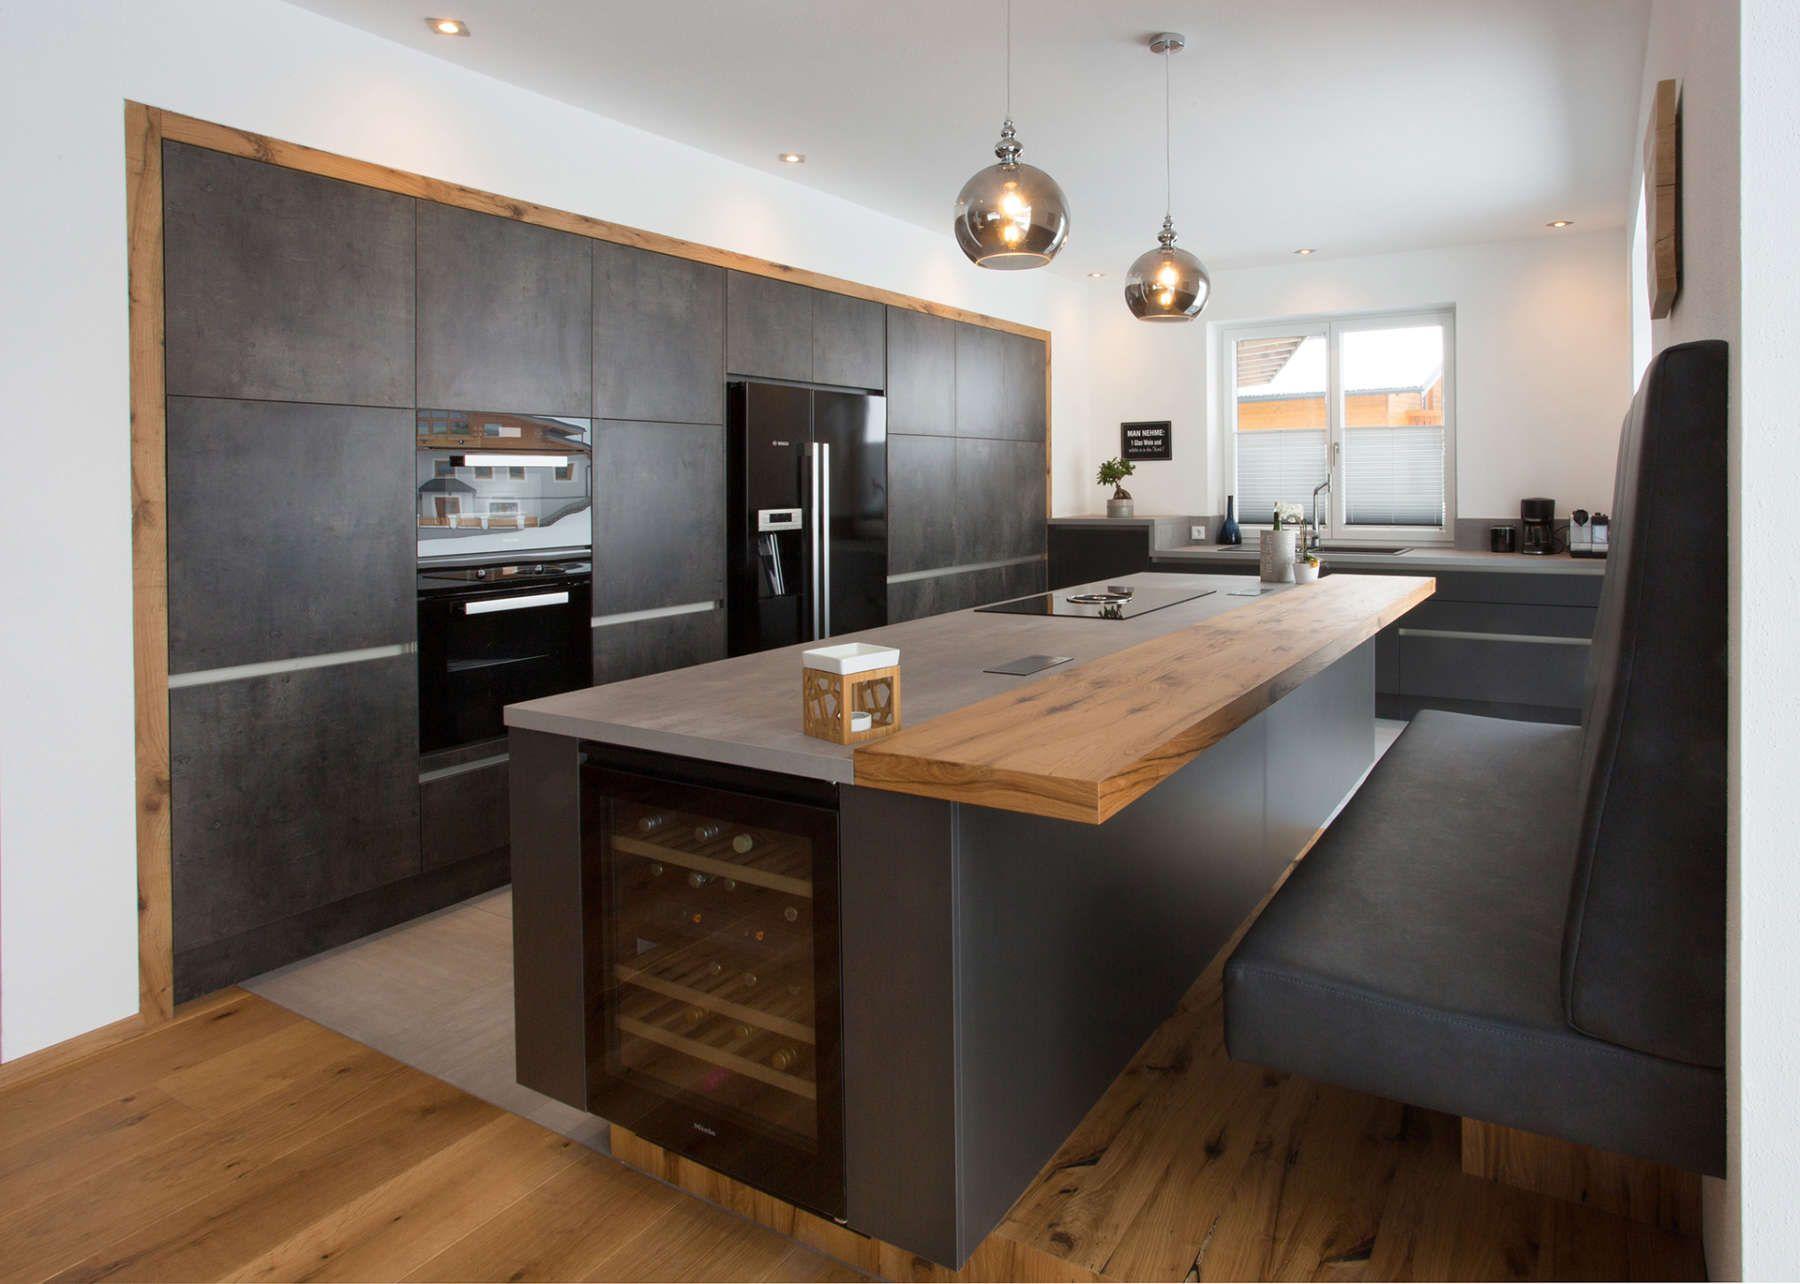 Full Size of Moderne Kchen Kche Küchen Regal Wohnzimmer Küchen